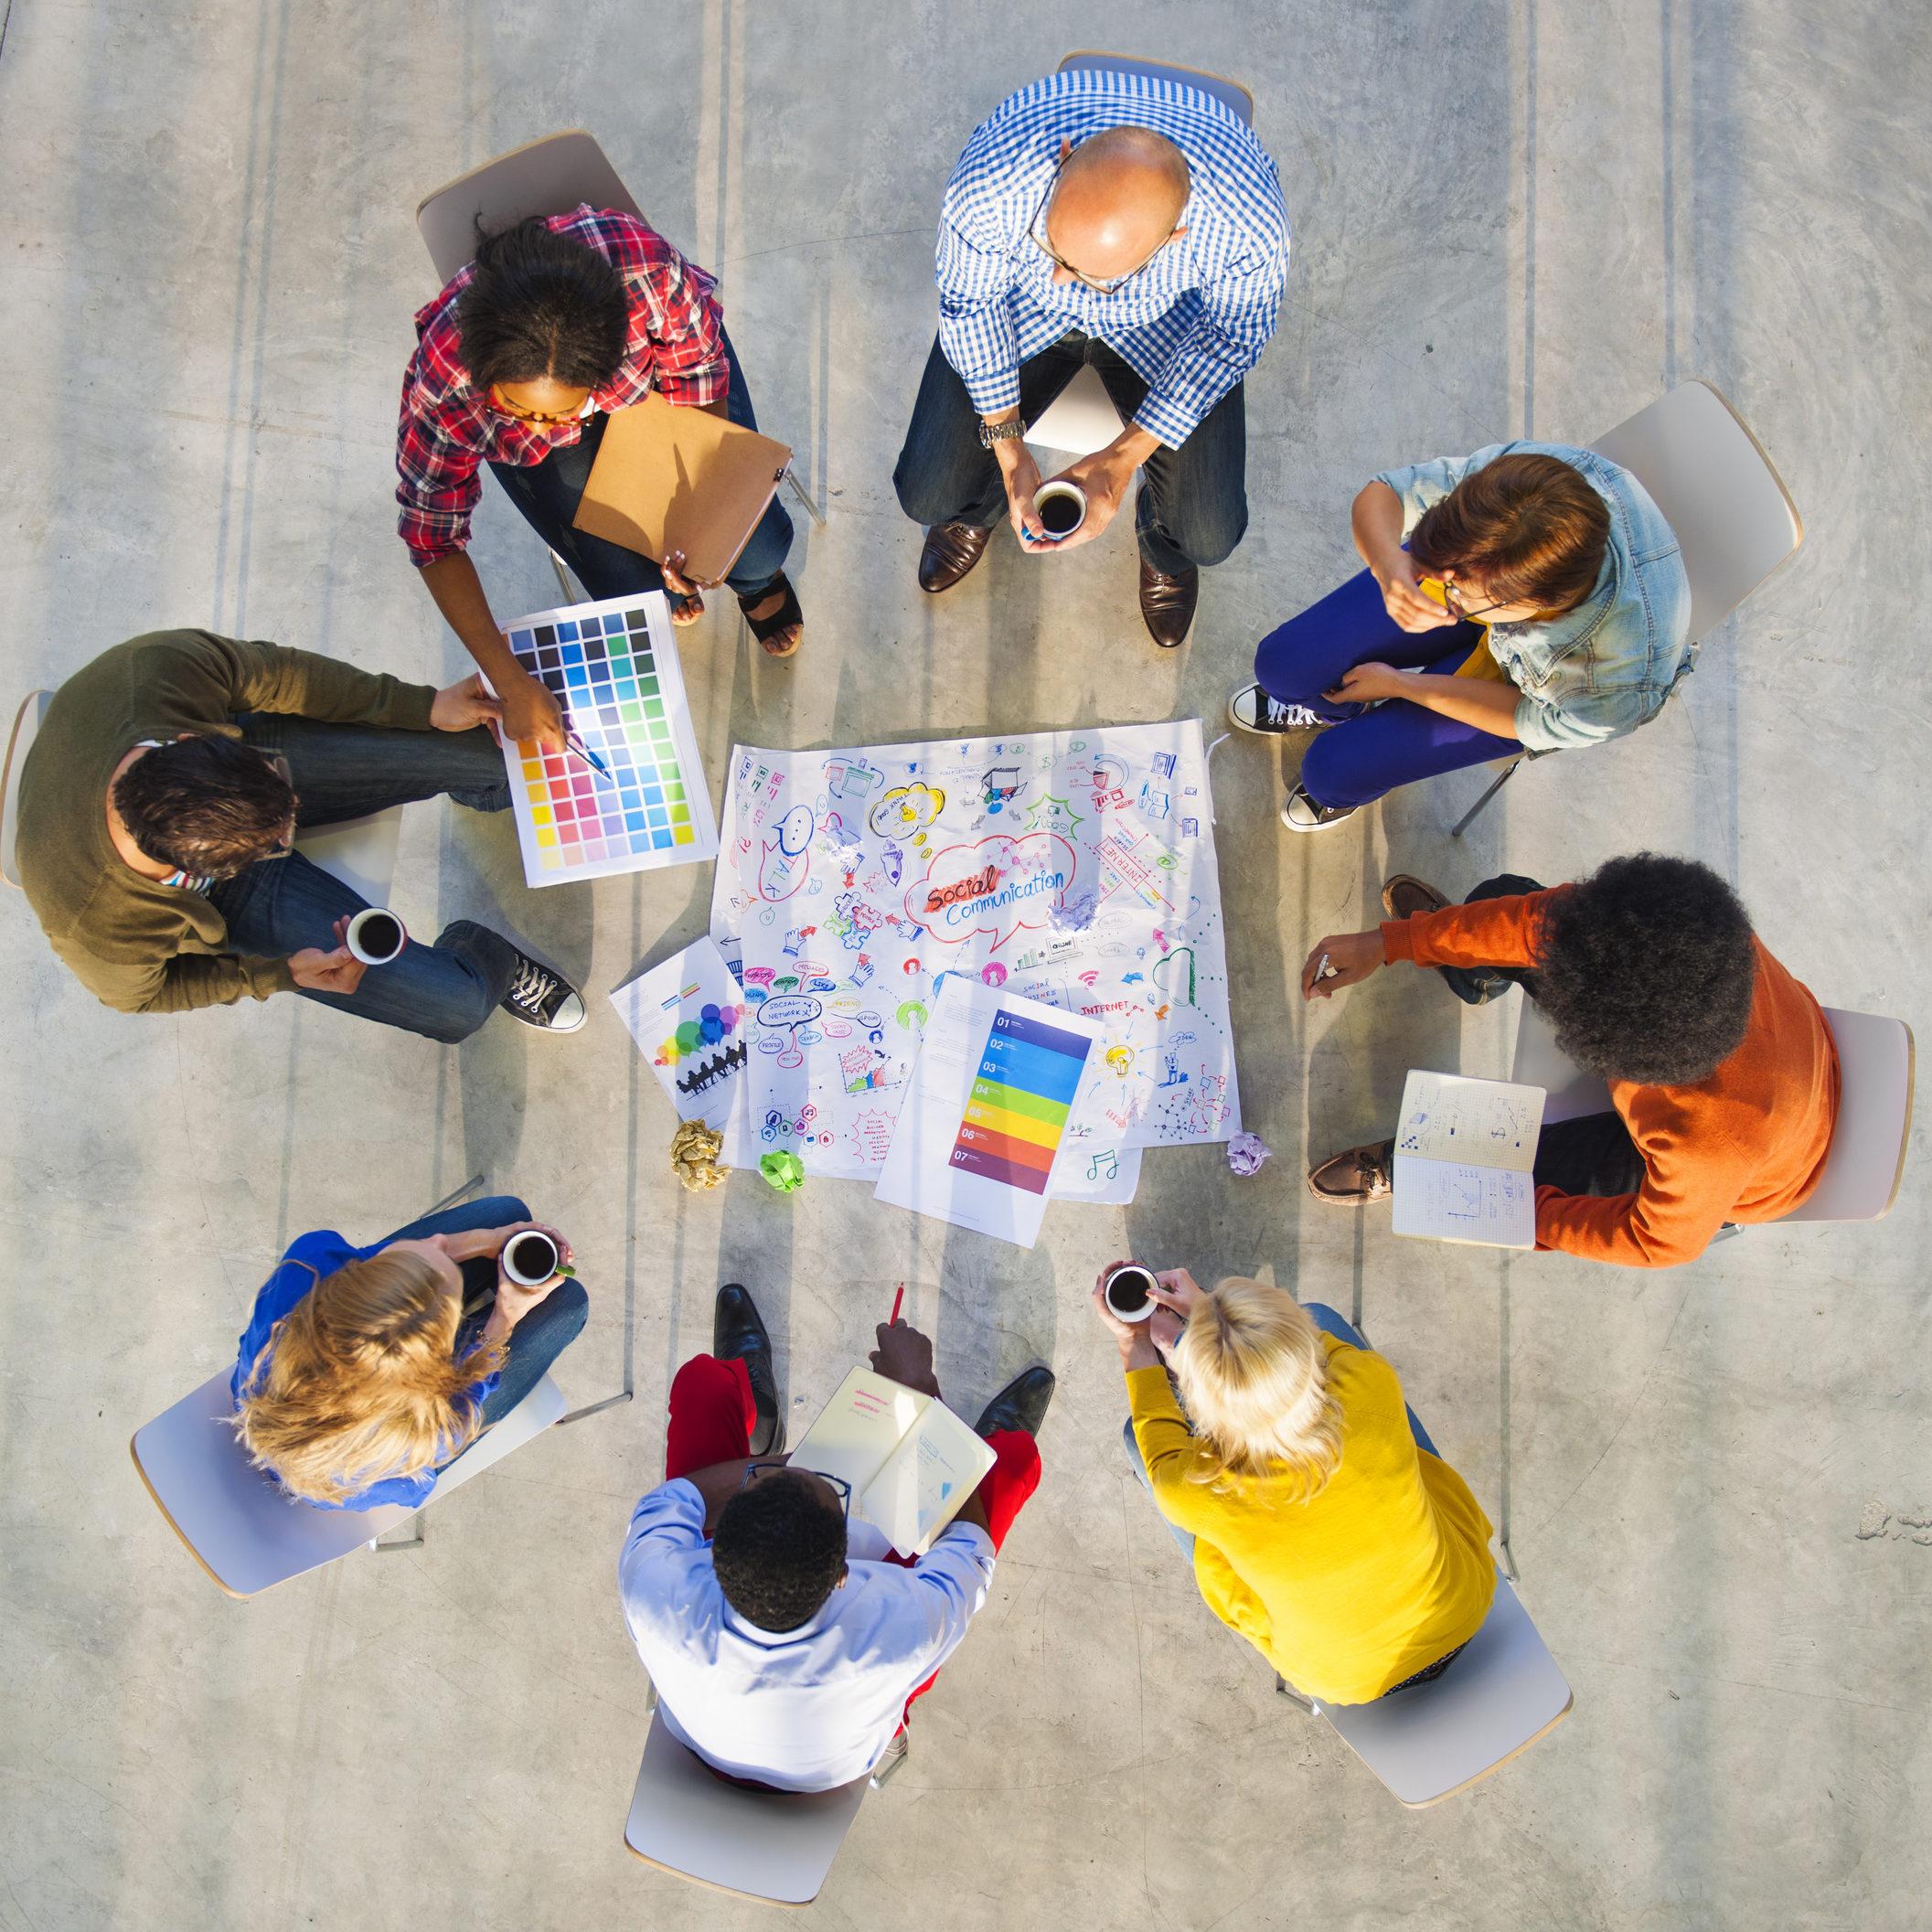 arco servizi services consulenza qualificata qualified consultancyservices